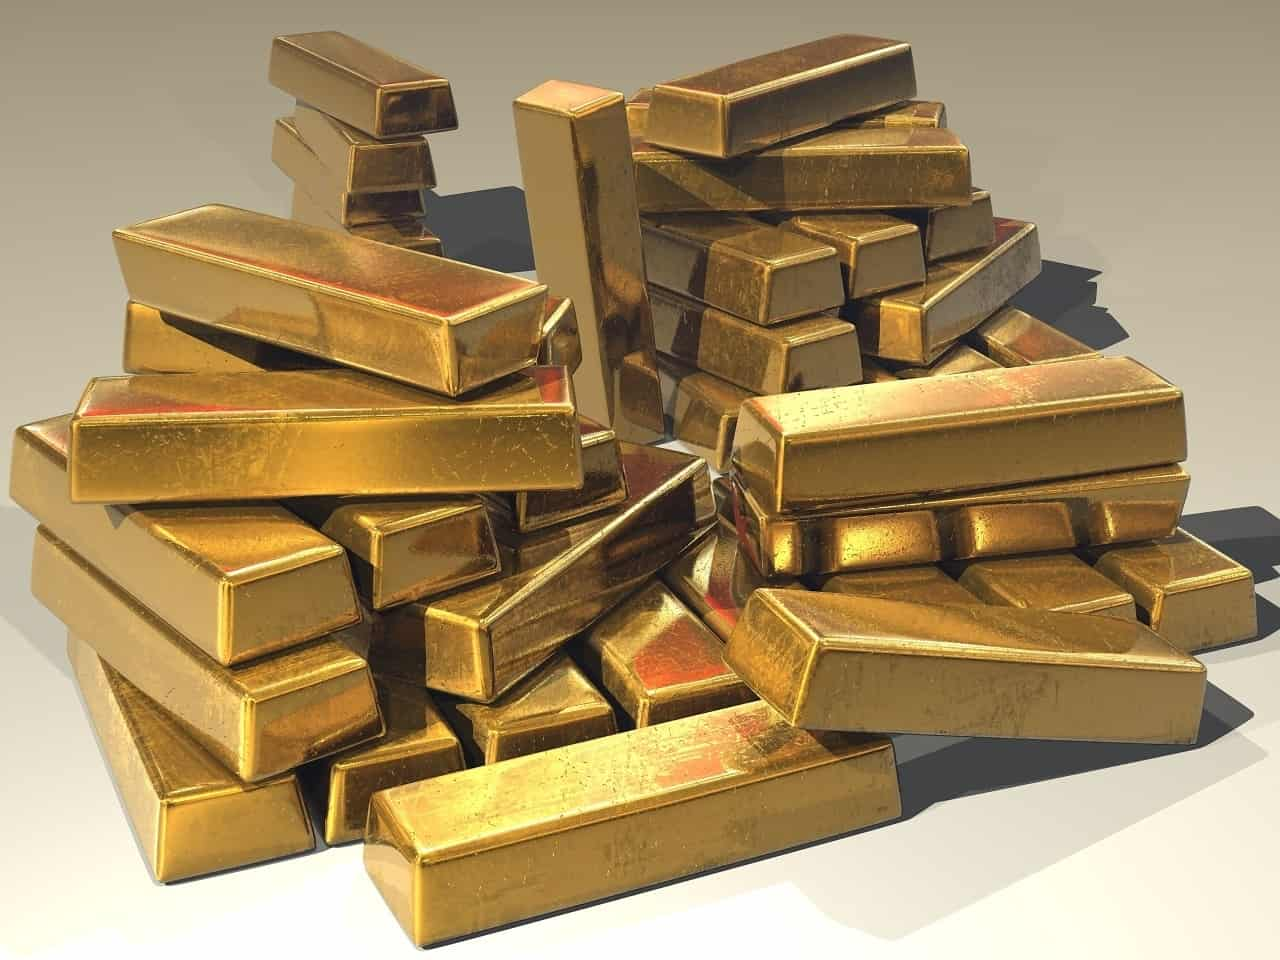 2db5f428e08ae0806a52ea9c99ed666e - ▷ Oro y plata 📖